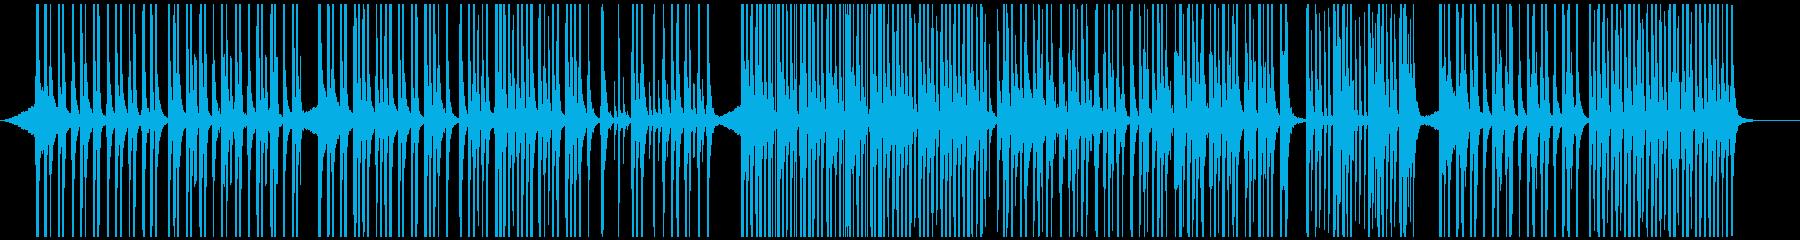 トラップ ヒップホップ 野生 励ま...の再生済みの波形